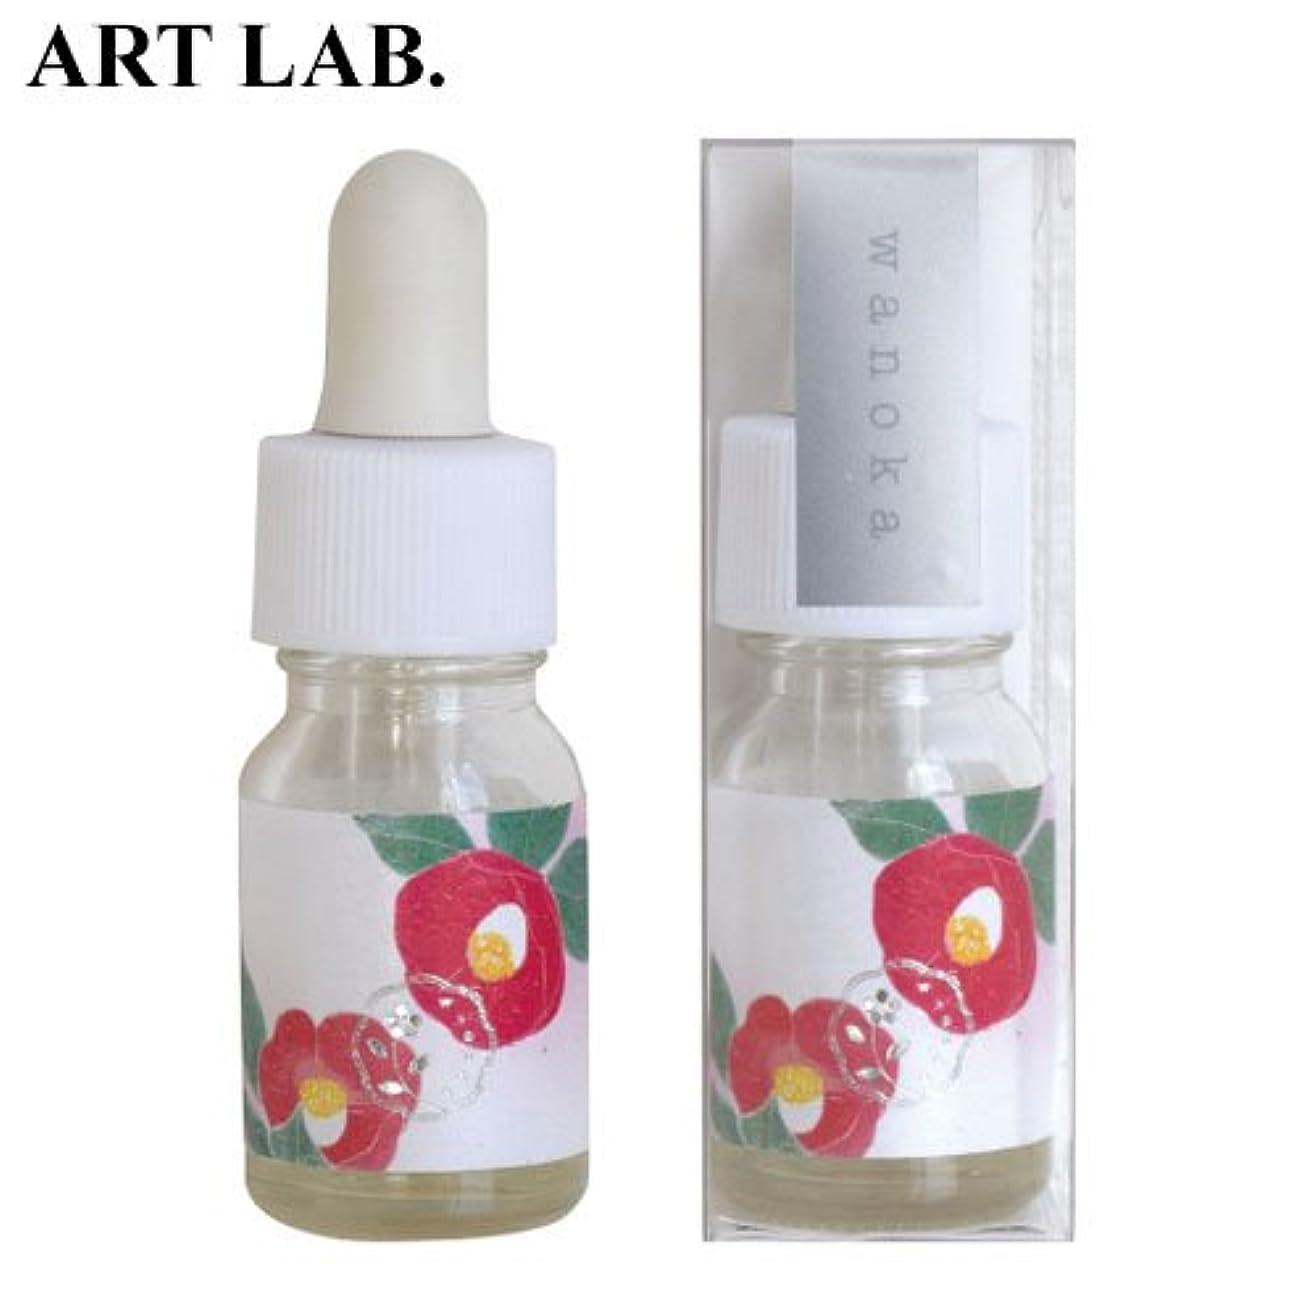 記憶に残るひどい感心するwanoka香油アロマオイル椿《おしとやかで深みのある香り》ART LABAromatic oil